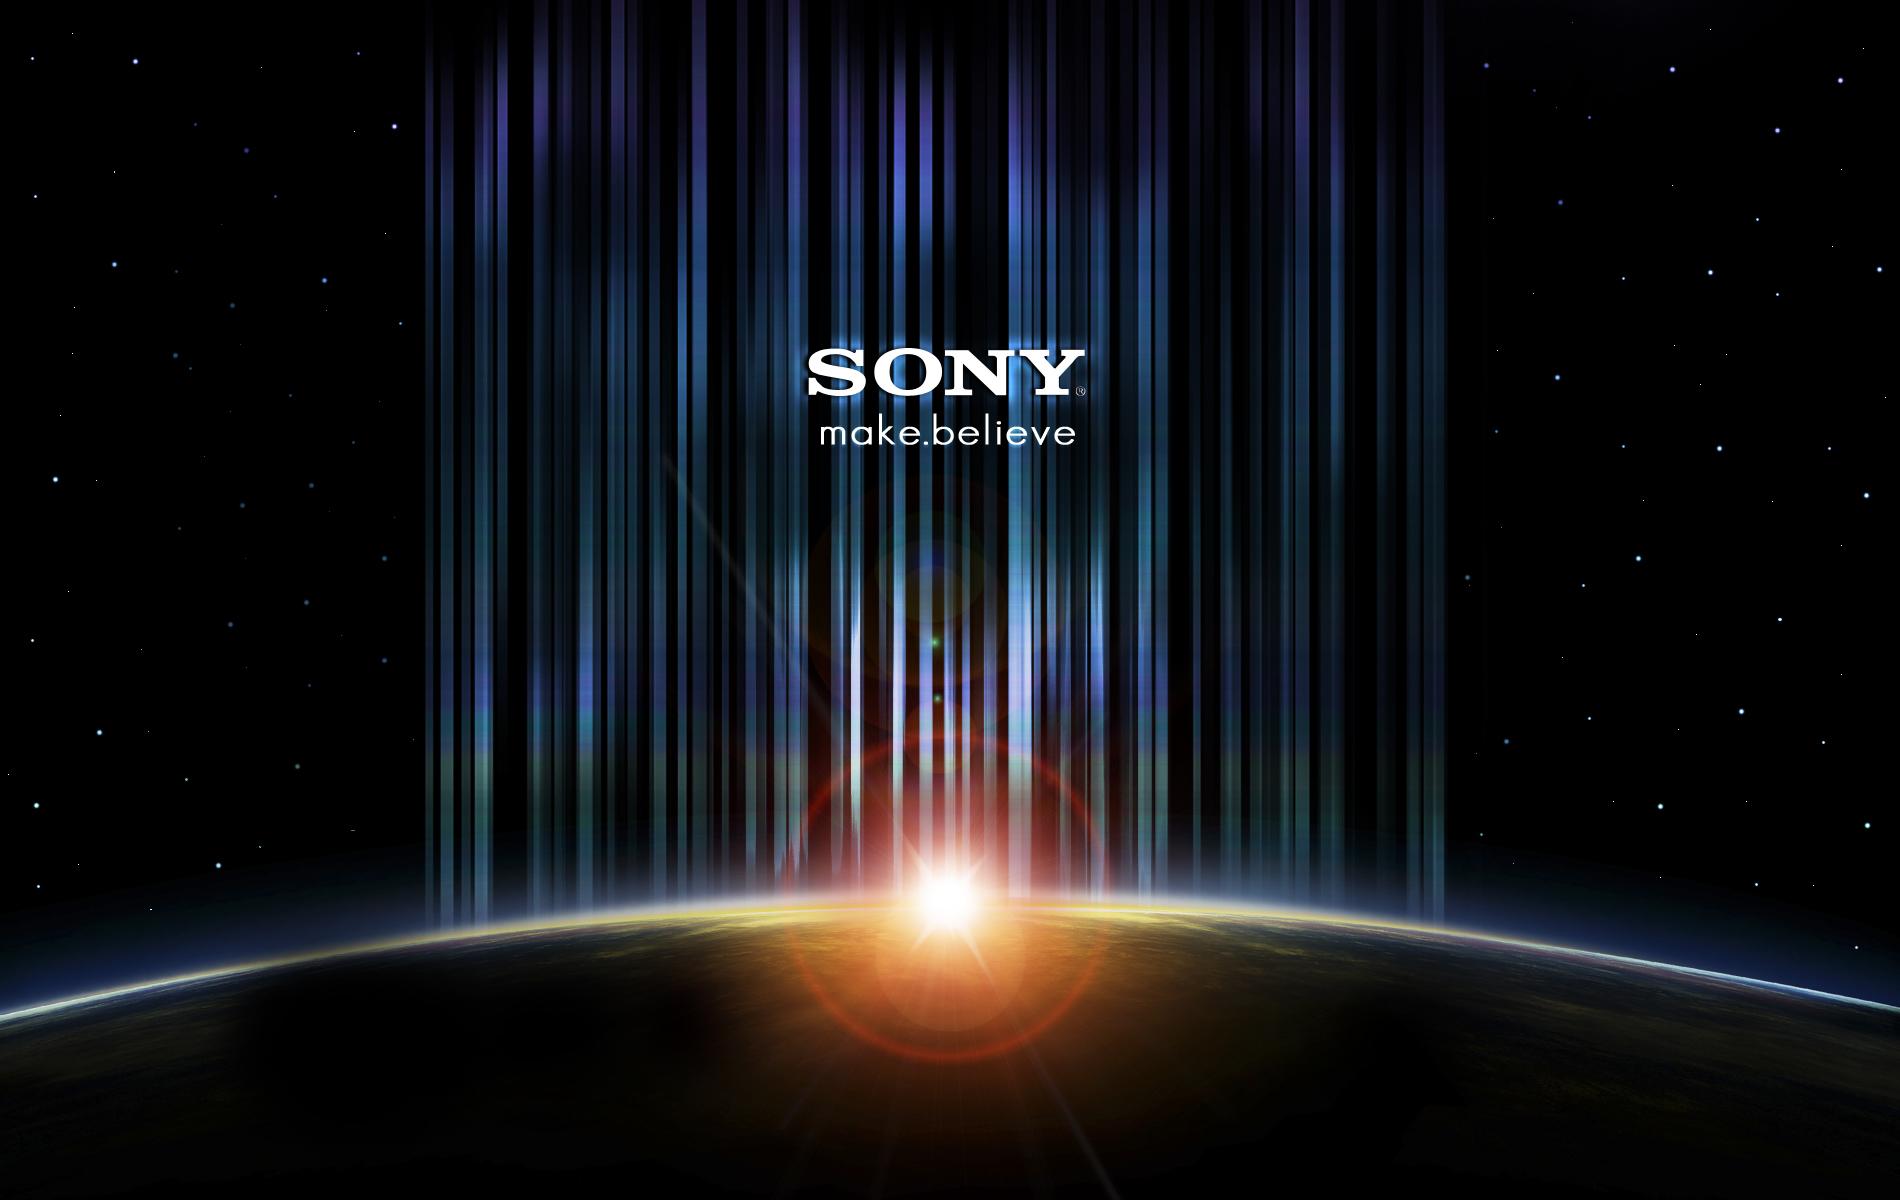 Televisores Sony 2017, ya tenemos el Line Up de la nueva gama